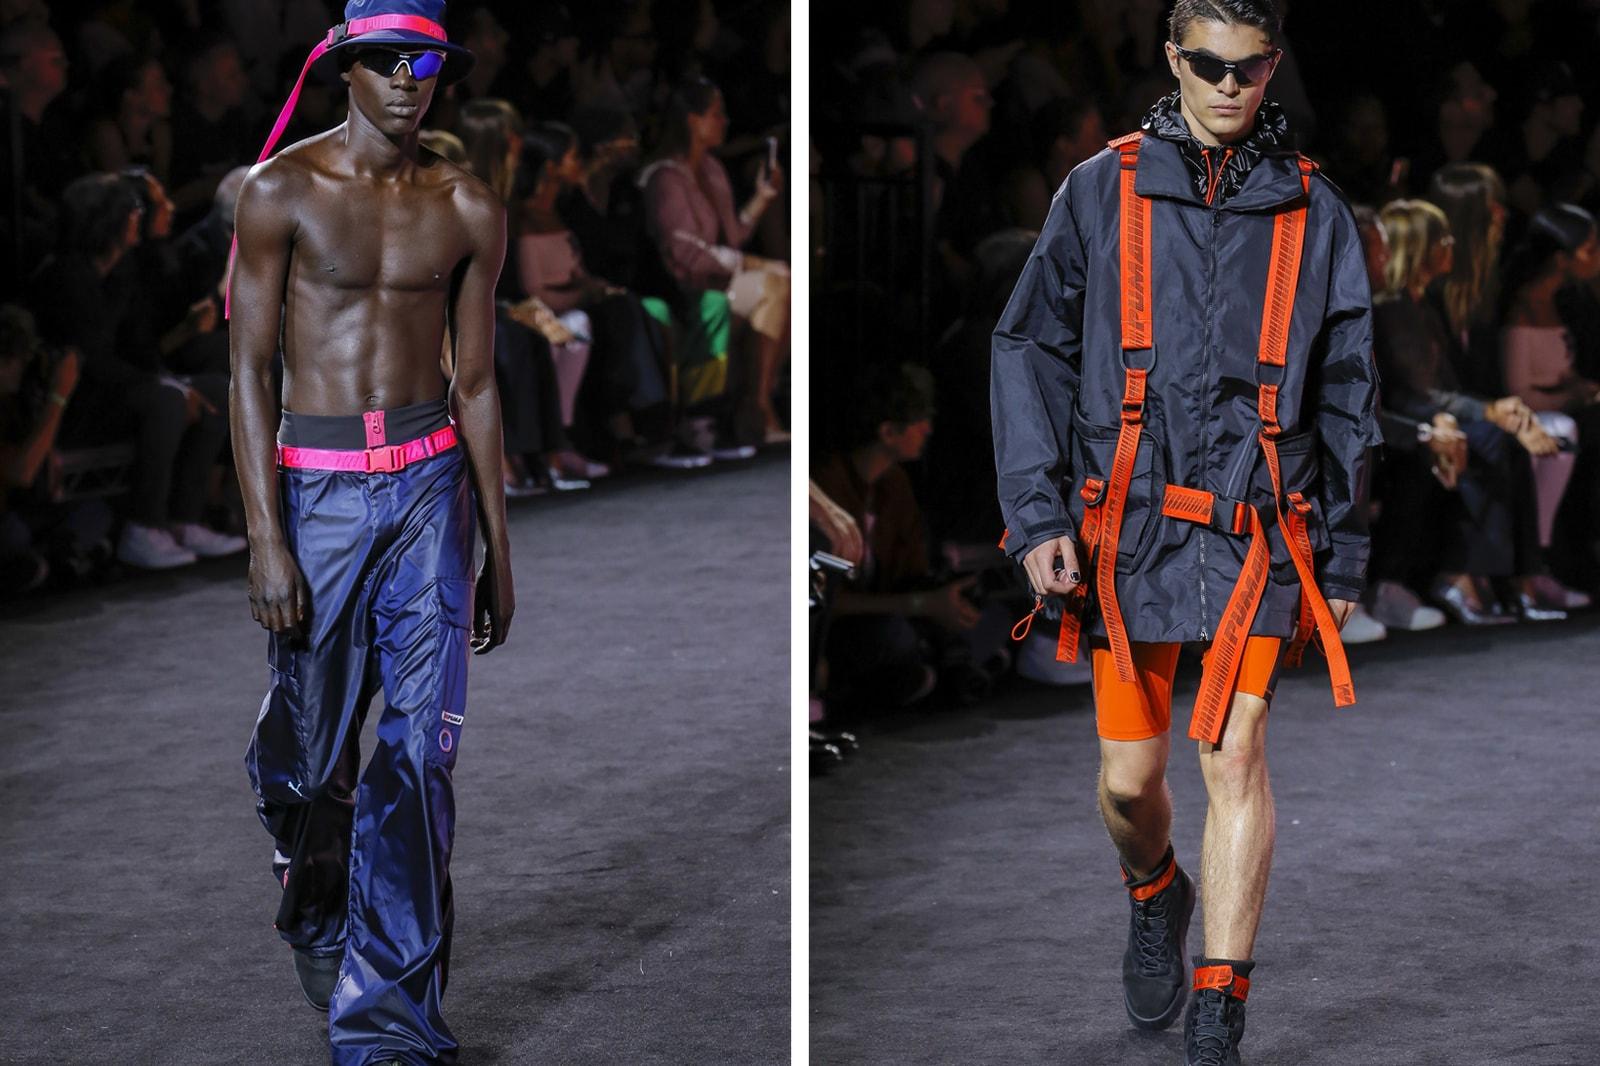 Rihanna Fenty PUMA 2018 Spring/Summer 2018 Review Fashion Insiders NYFW New York Fashion Week